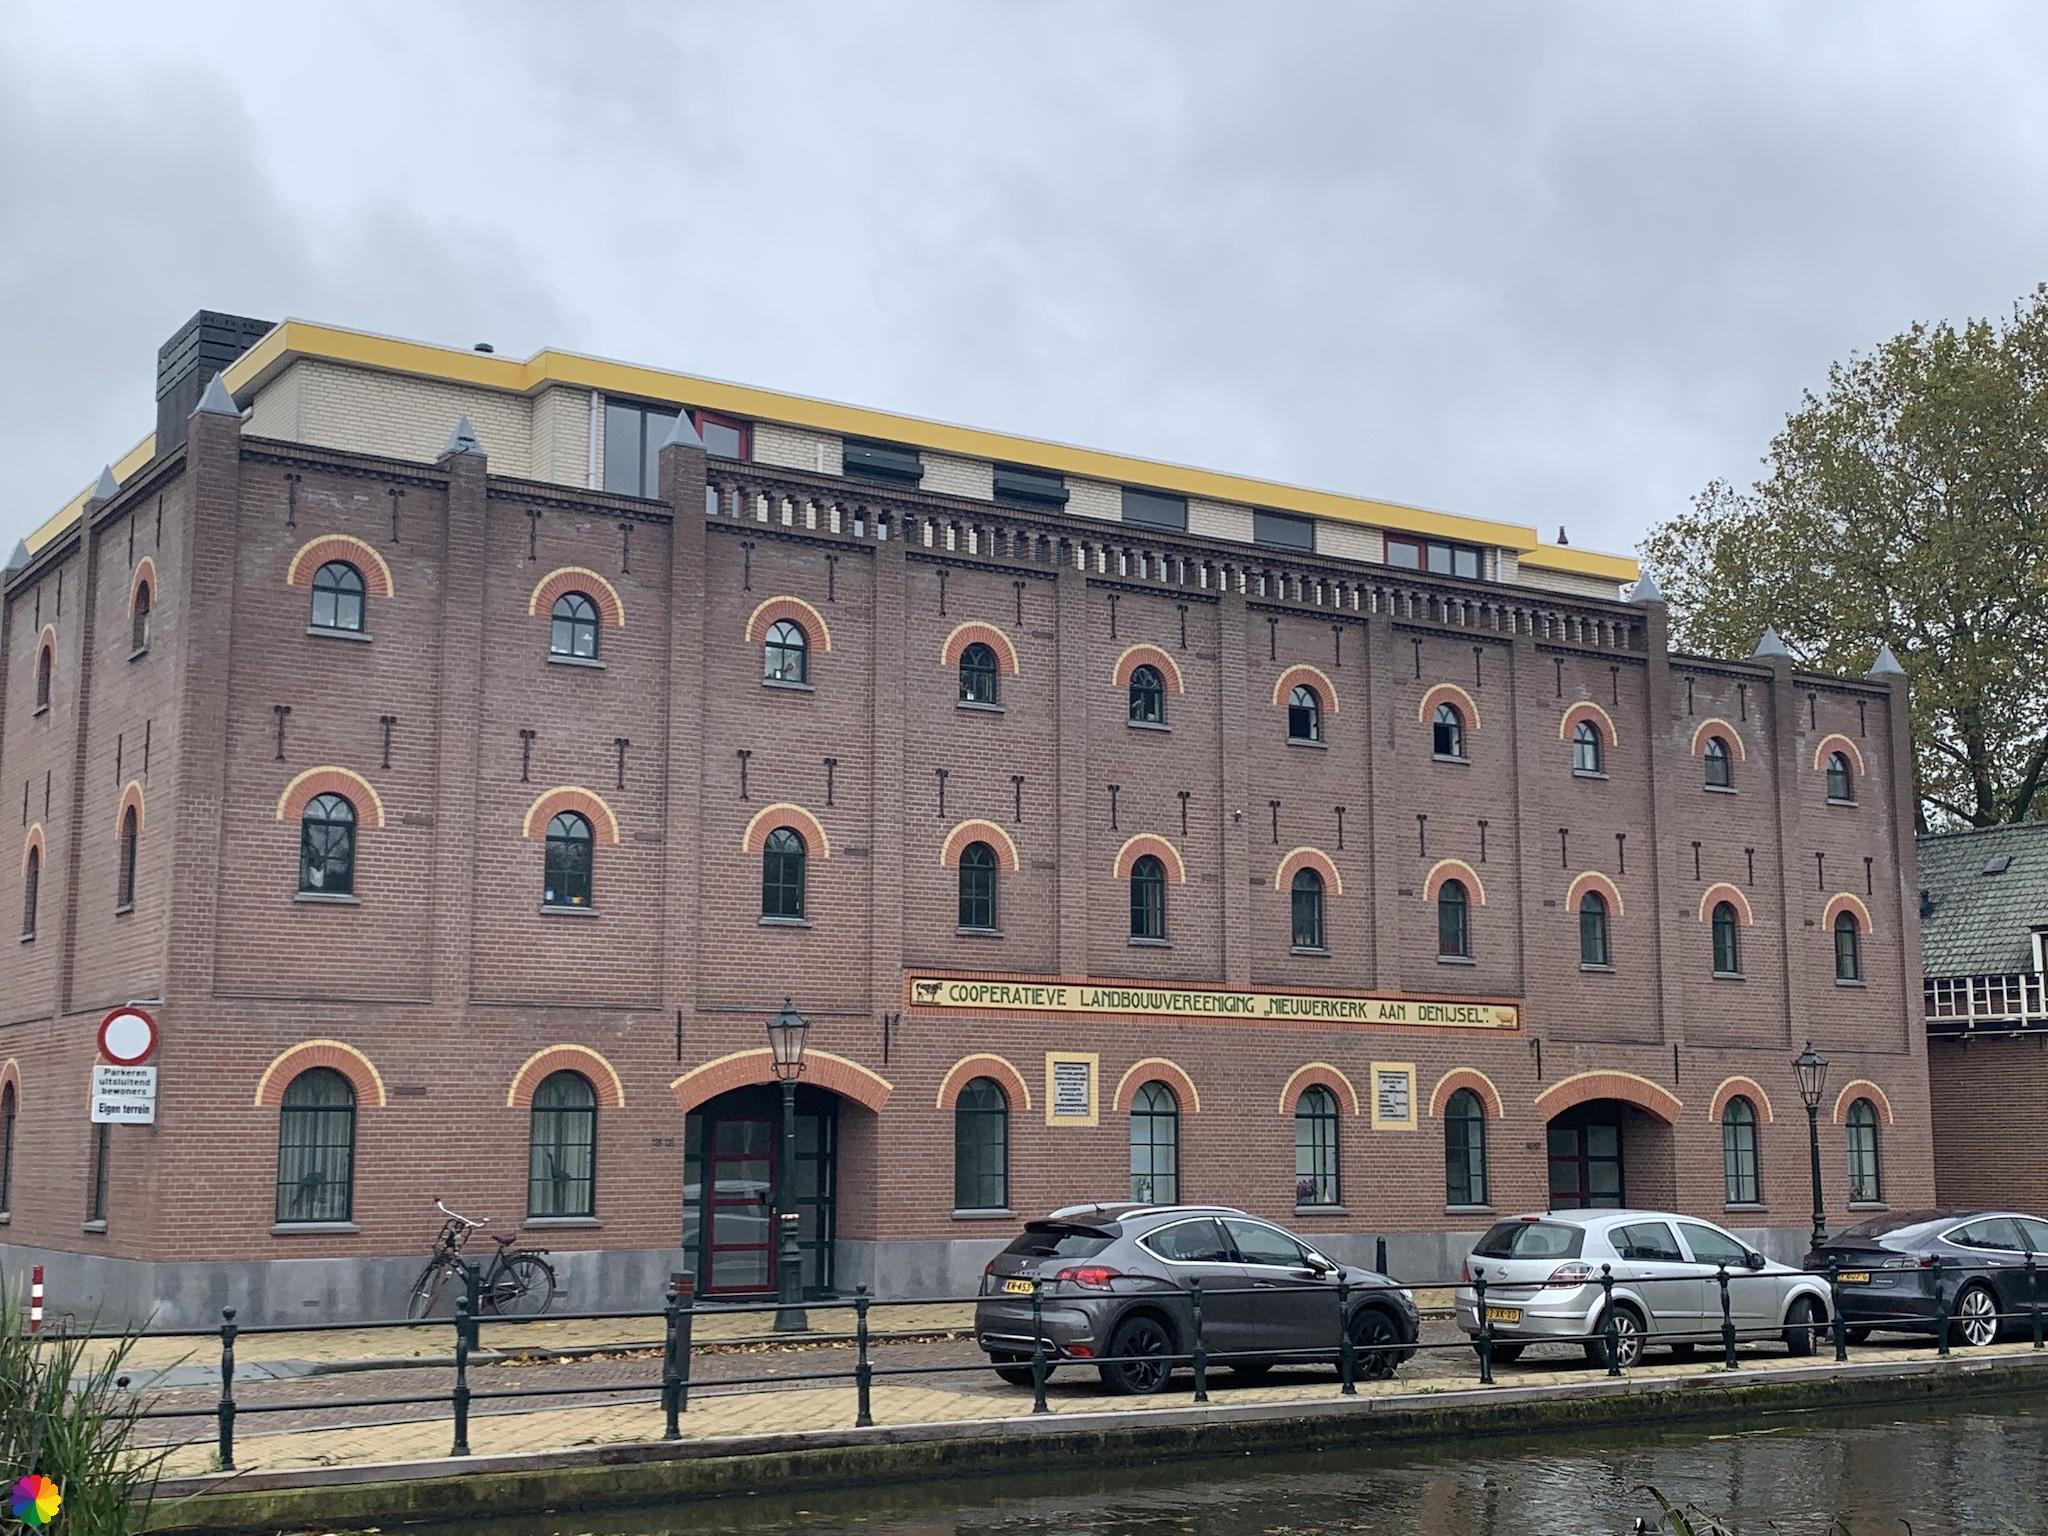 Gebouw Cooperatieve Landbouwvereniging in Nieuwerkerk aan den IJssel